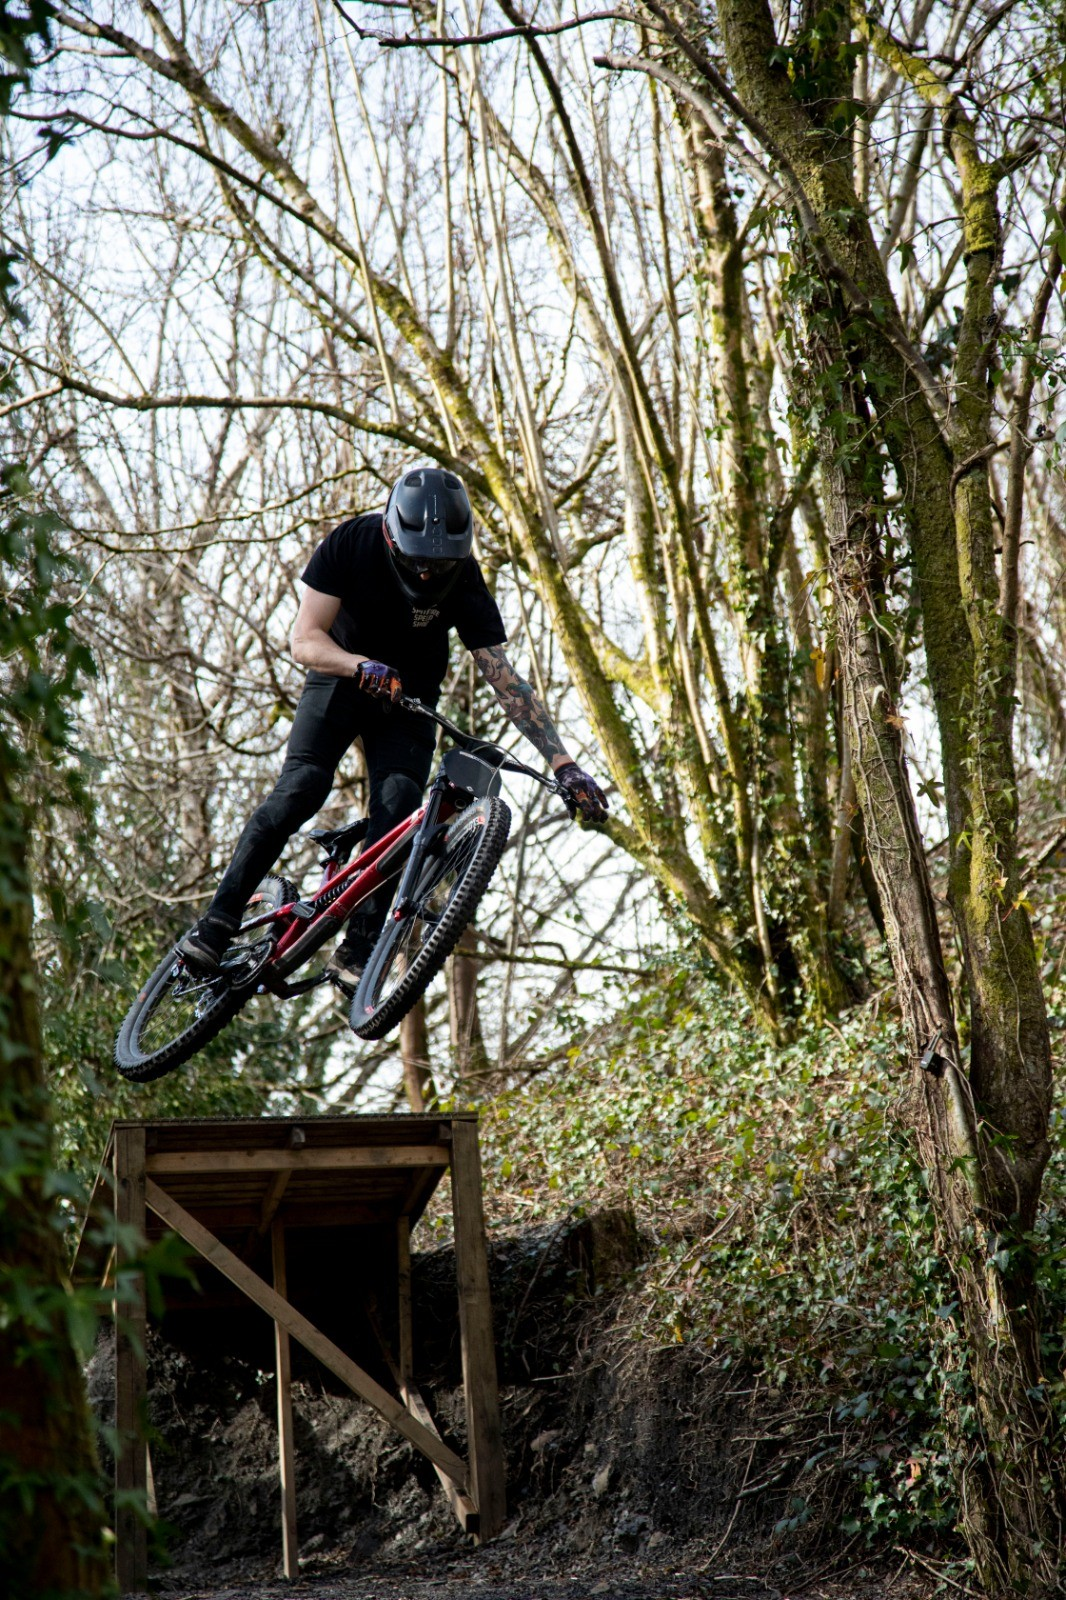 36FE5AA2-7AC9-4C45-90AA-A606C0095B5A - martin dunn - Mountain Biking Pictures - Vital MTB